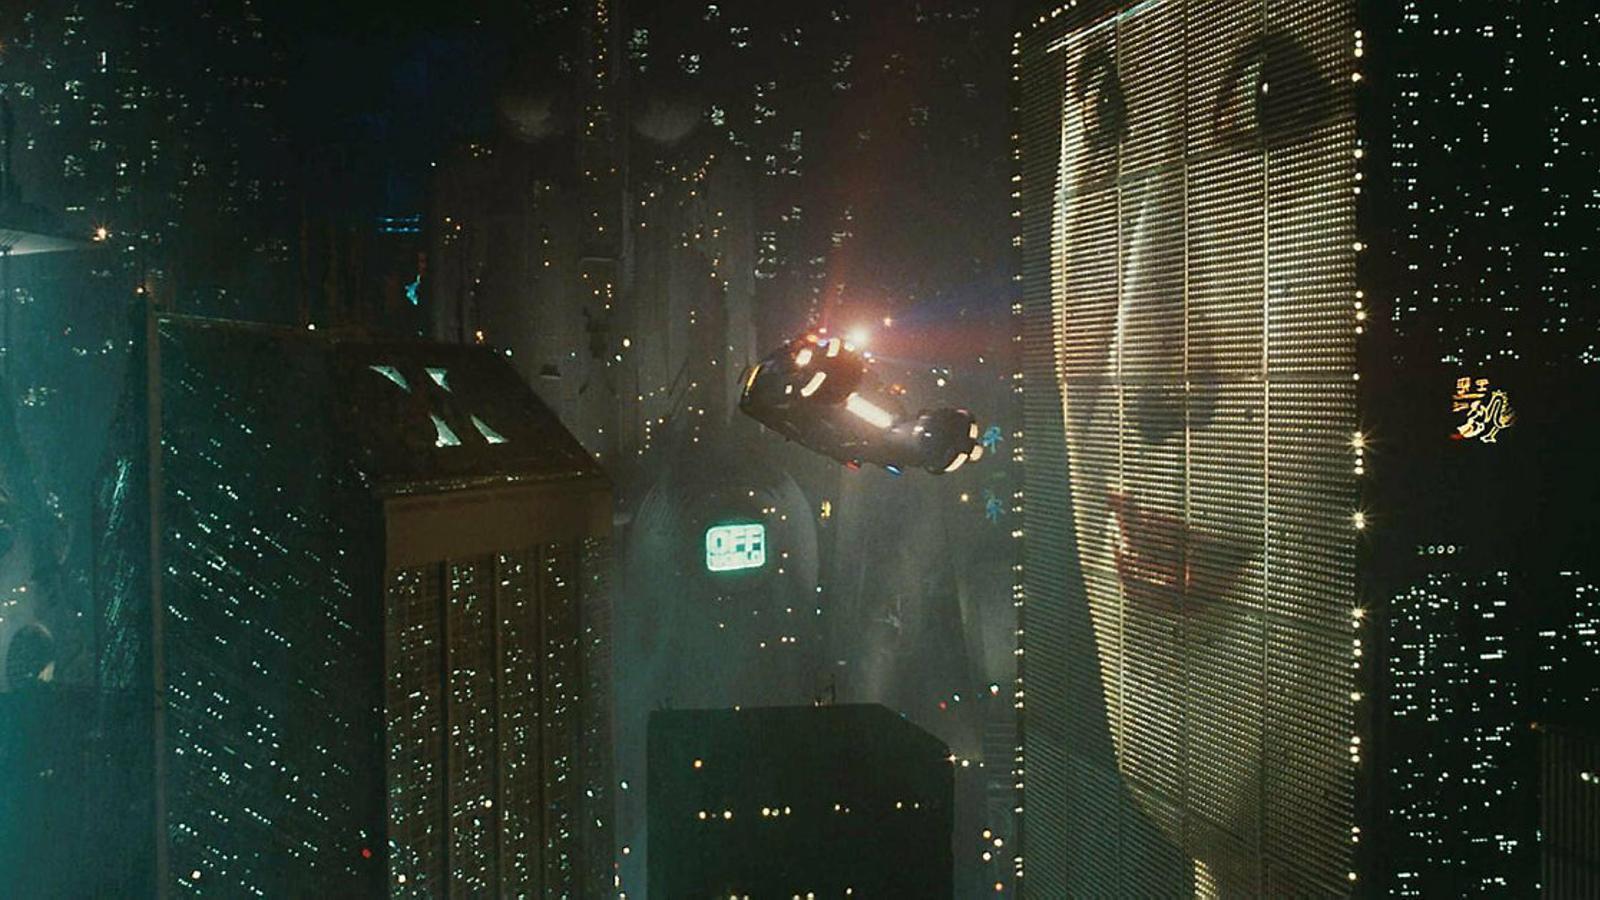 Fotograma de la ciutat futurista de Blade Runner, suposadament ambientada a Los Angeles el 2019.